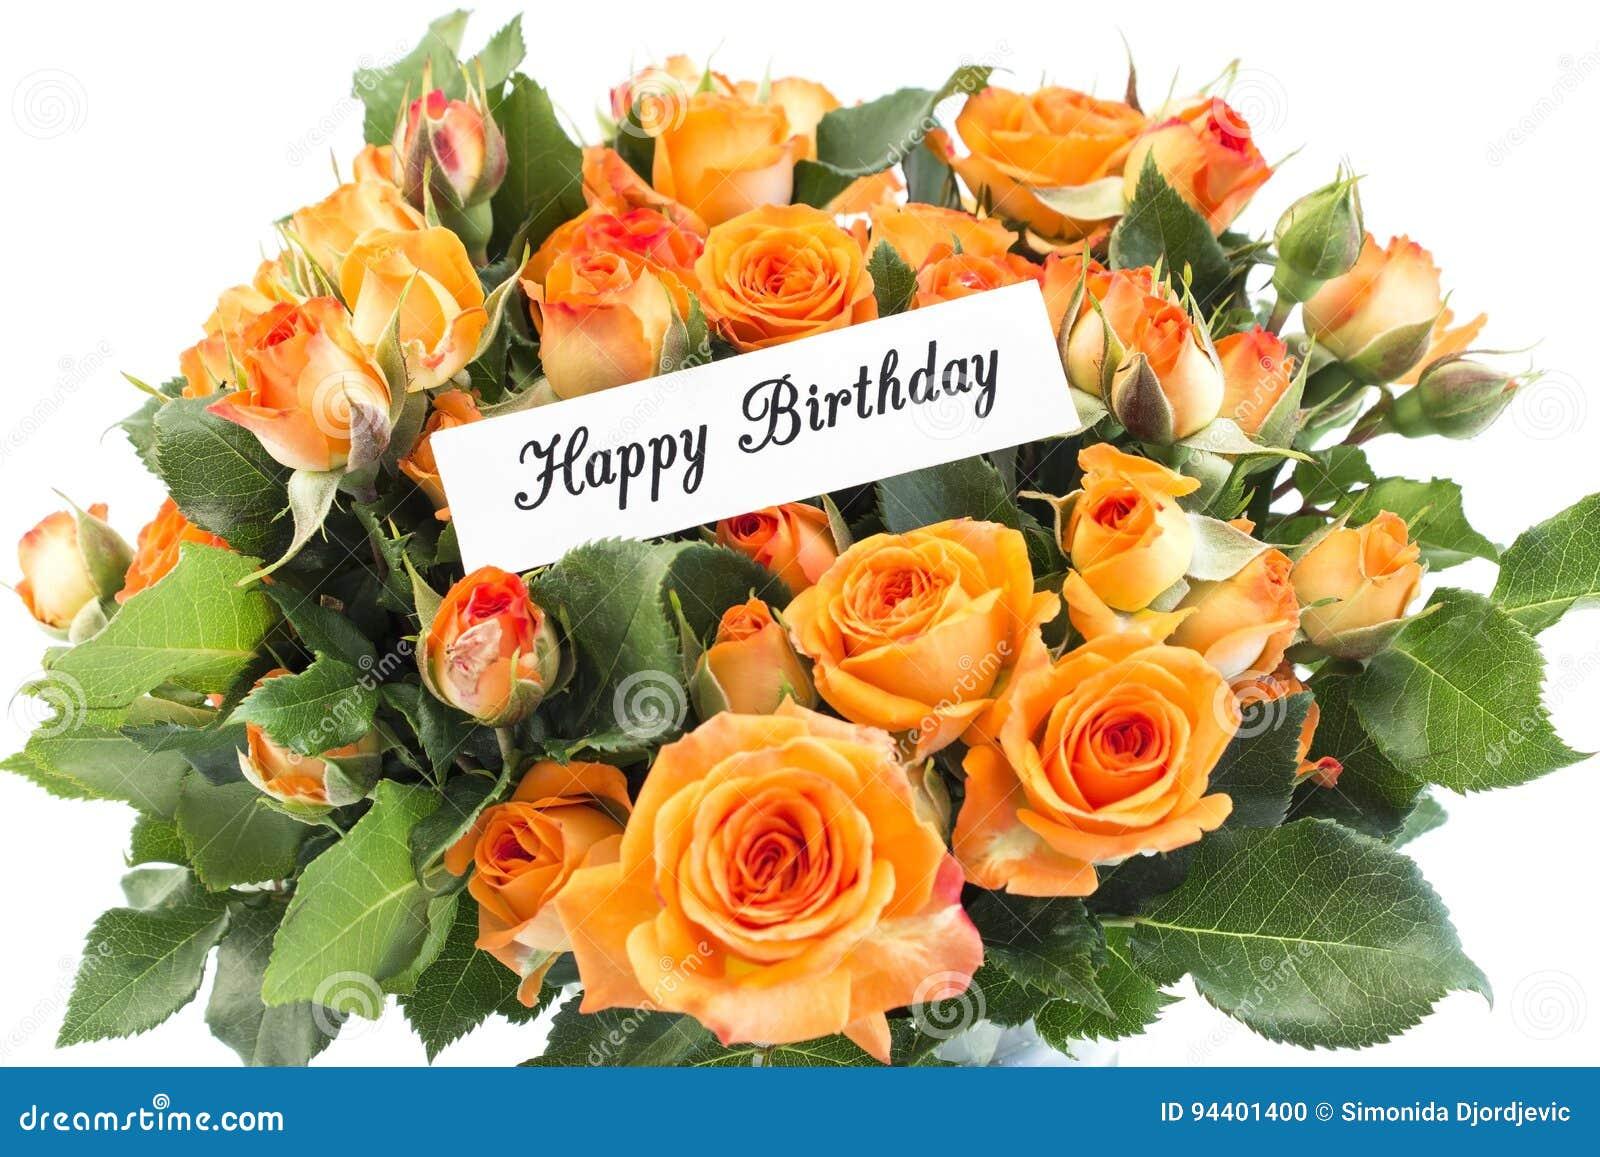 Carte De Joyeux Anniversaire Avec Le Bouquet Des Roses Oranges Photo